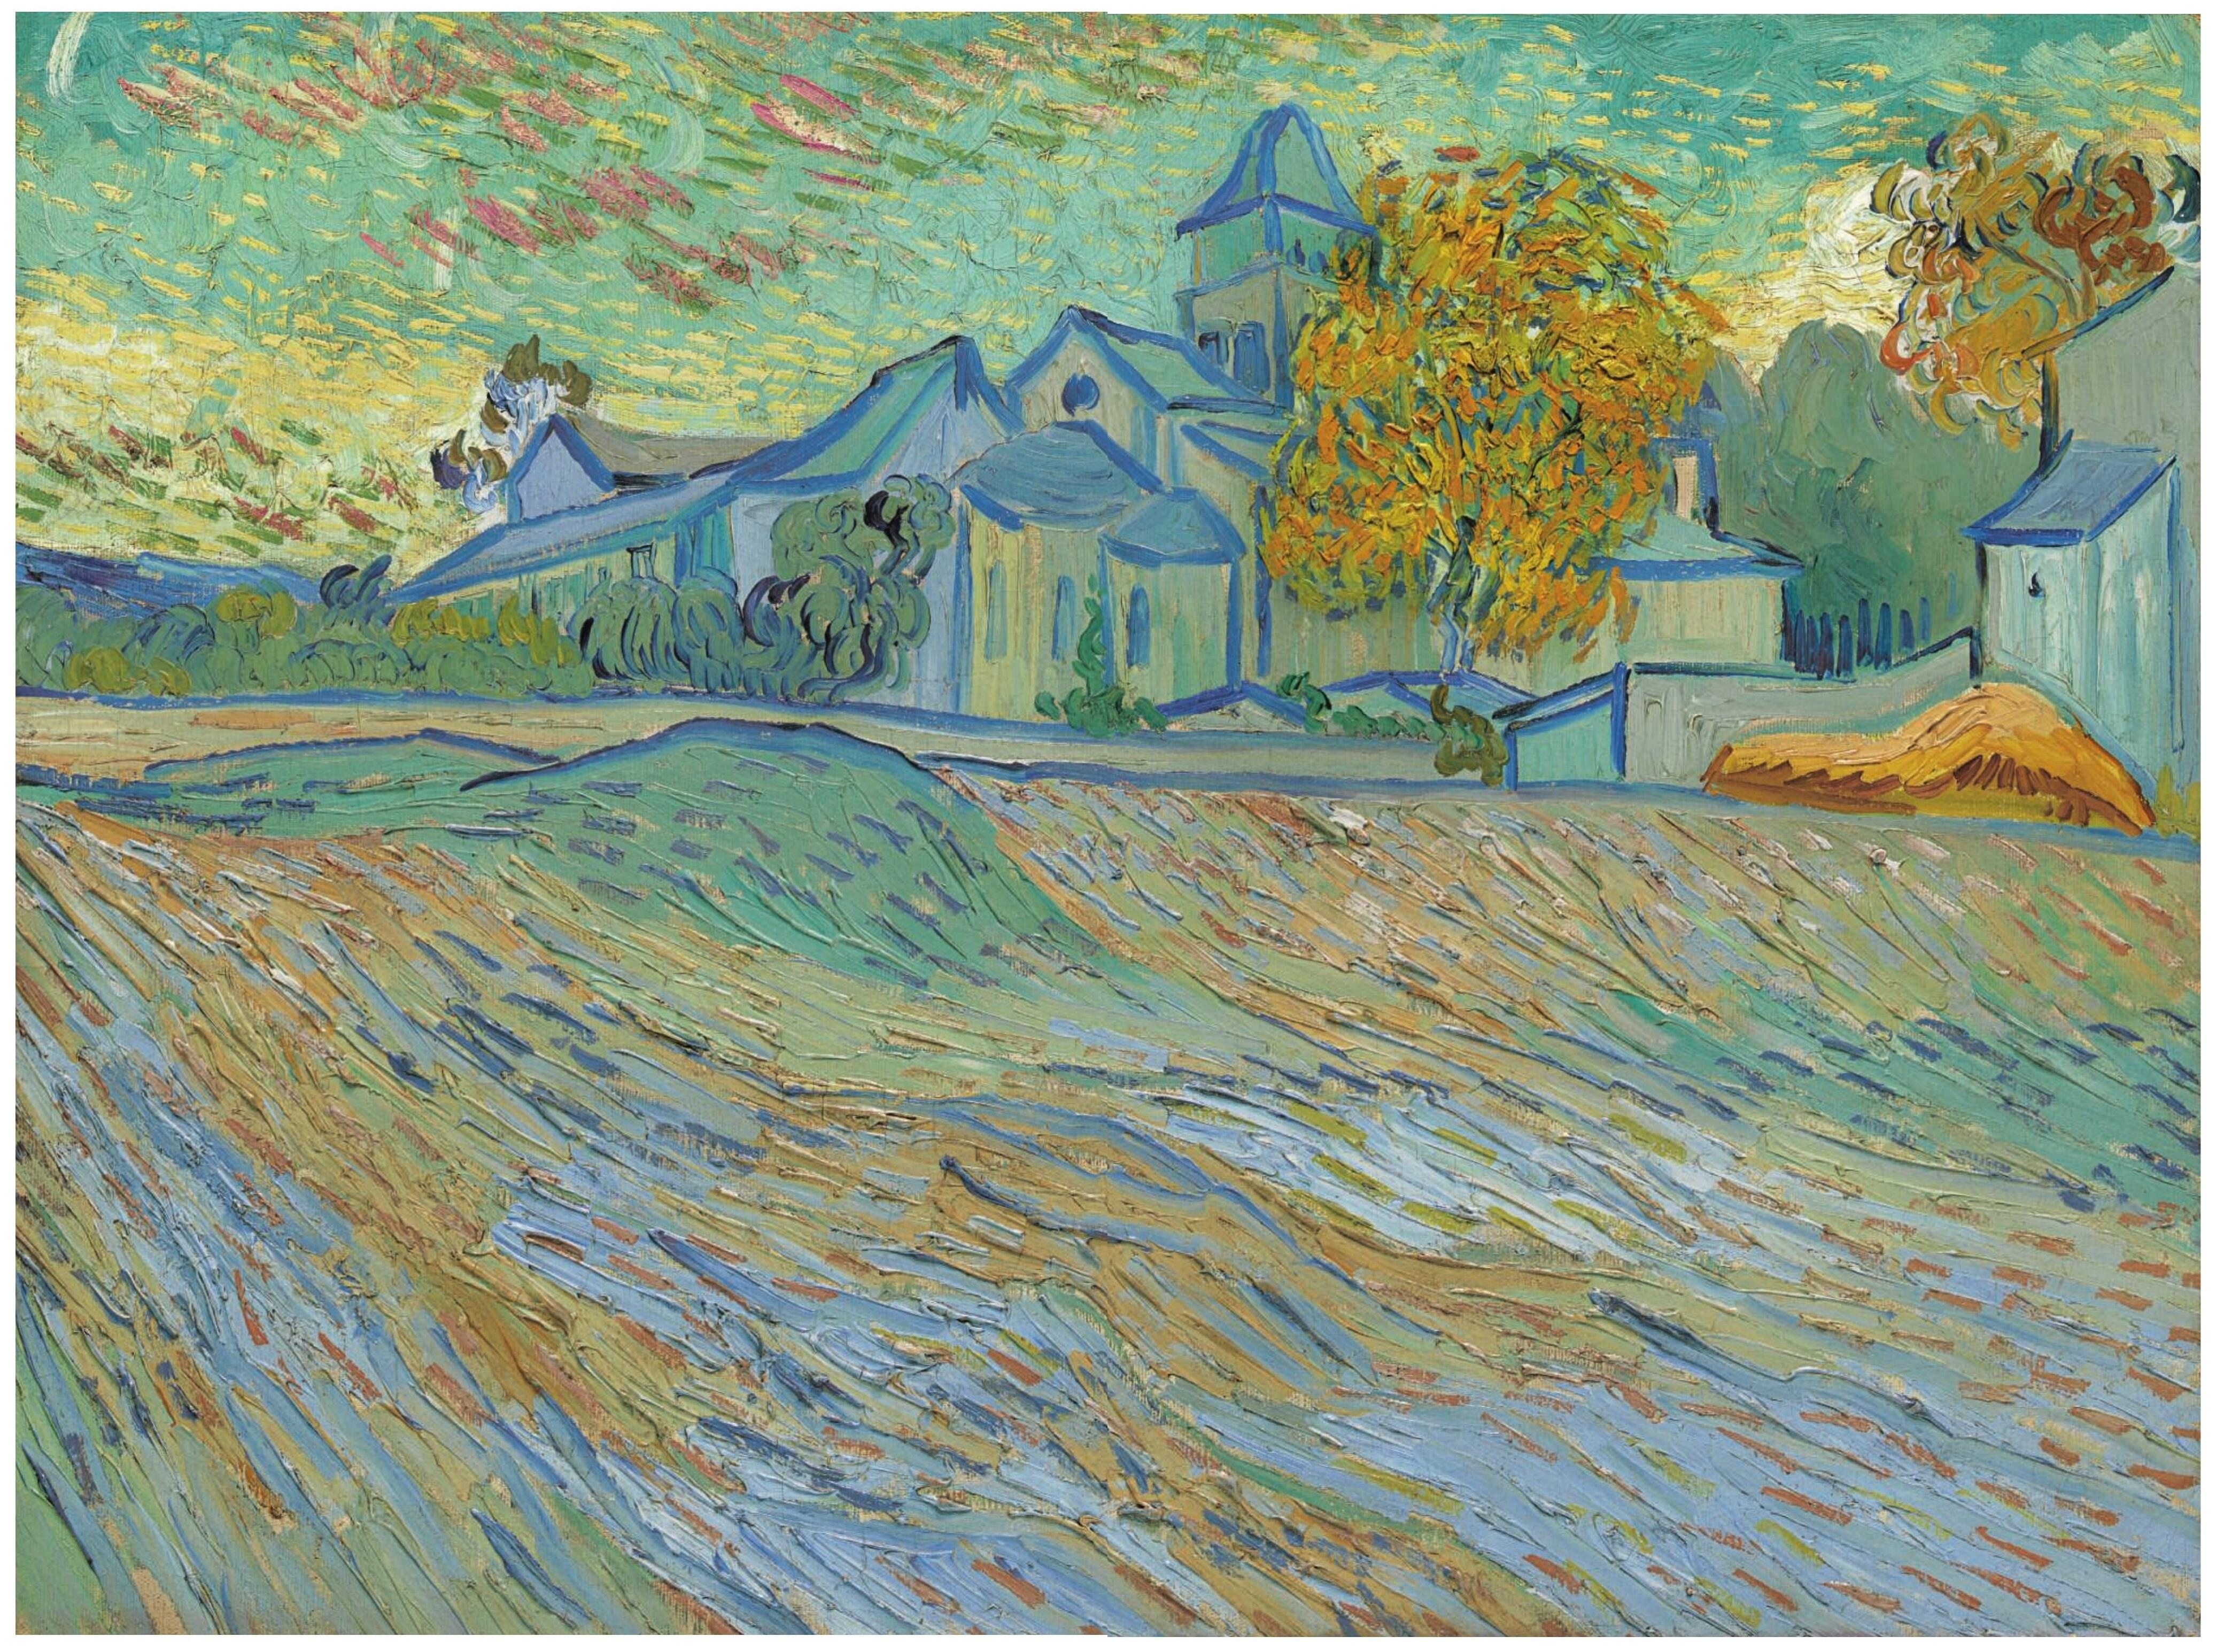 Vincent Van Gogh (1853-1890) Vue de l'asile et de la Chapelle Saint-Paul de Mausole (1889)